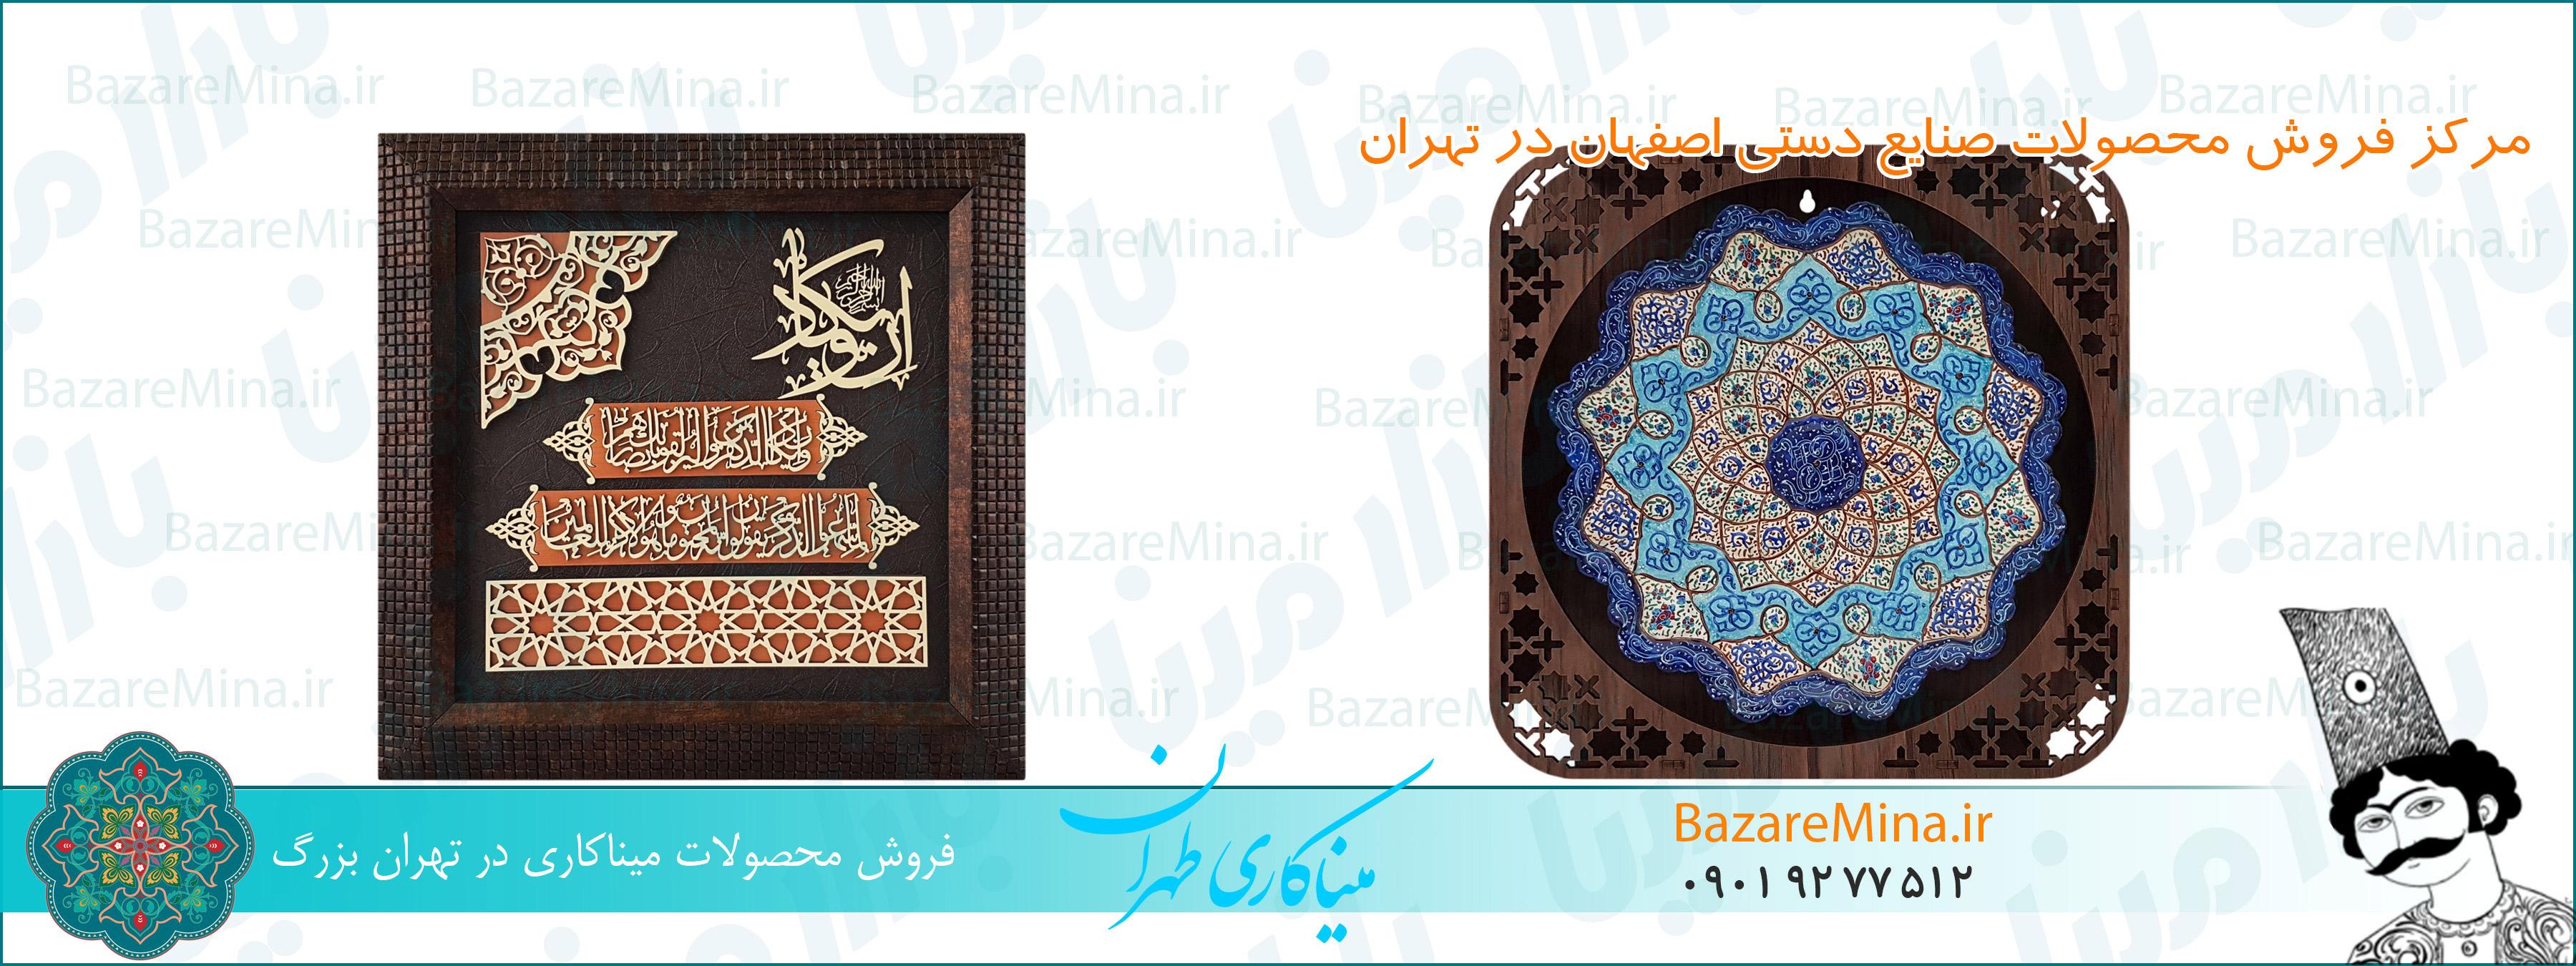 خرید ظروف میناکاری تهران